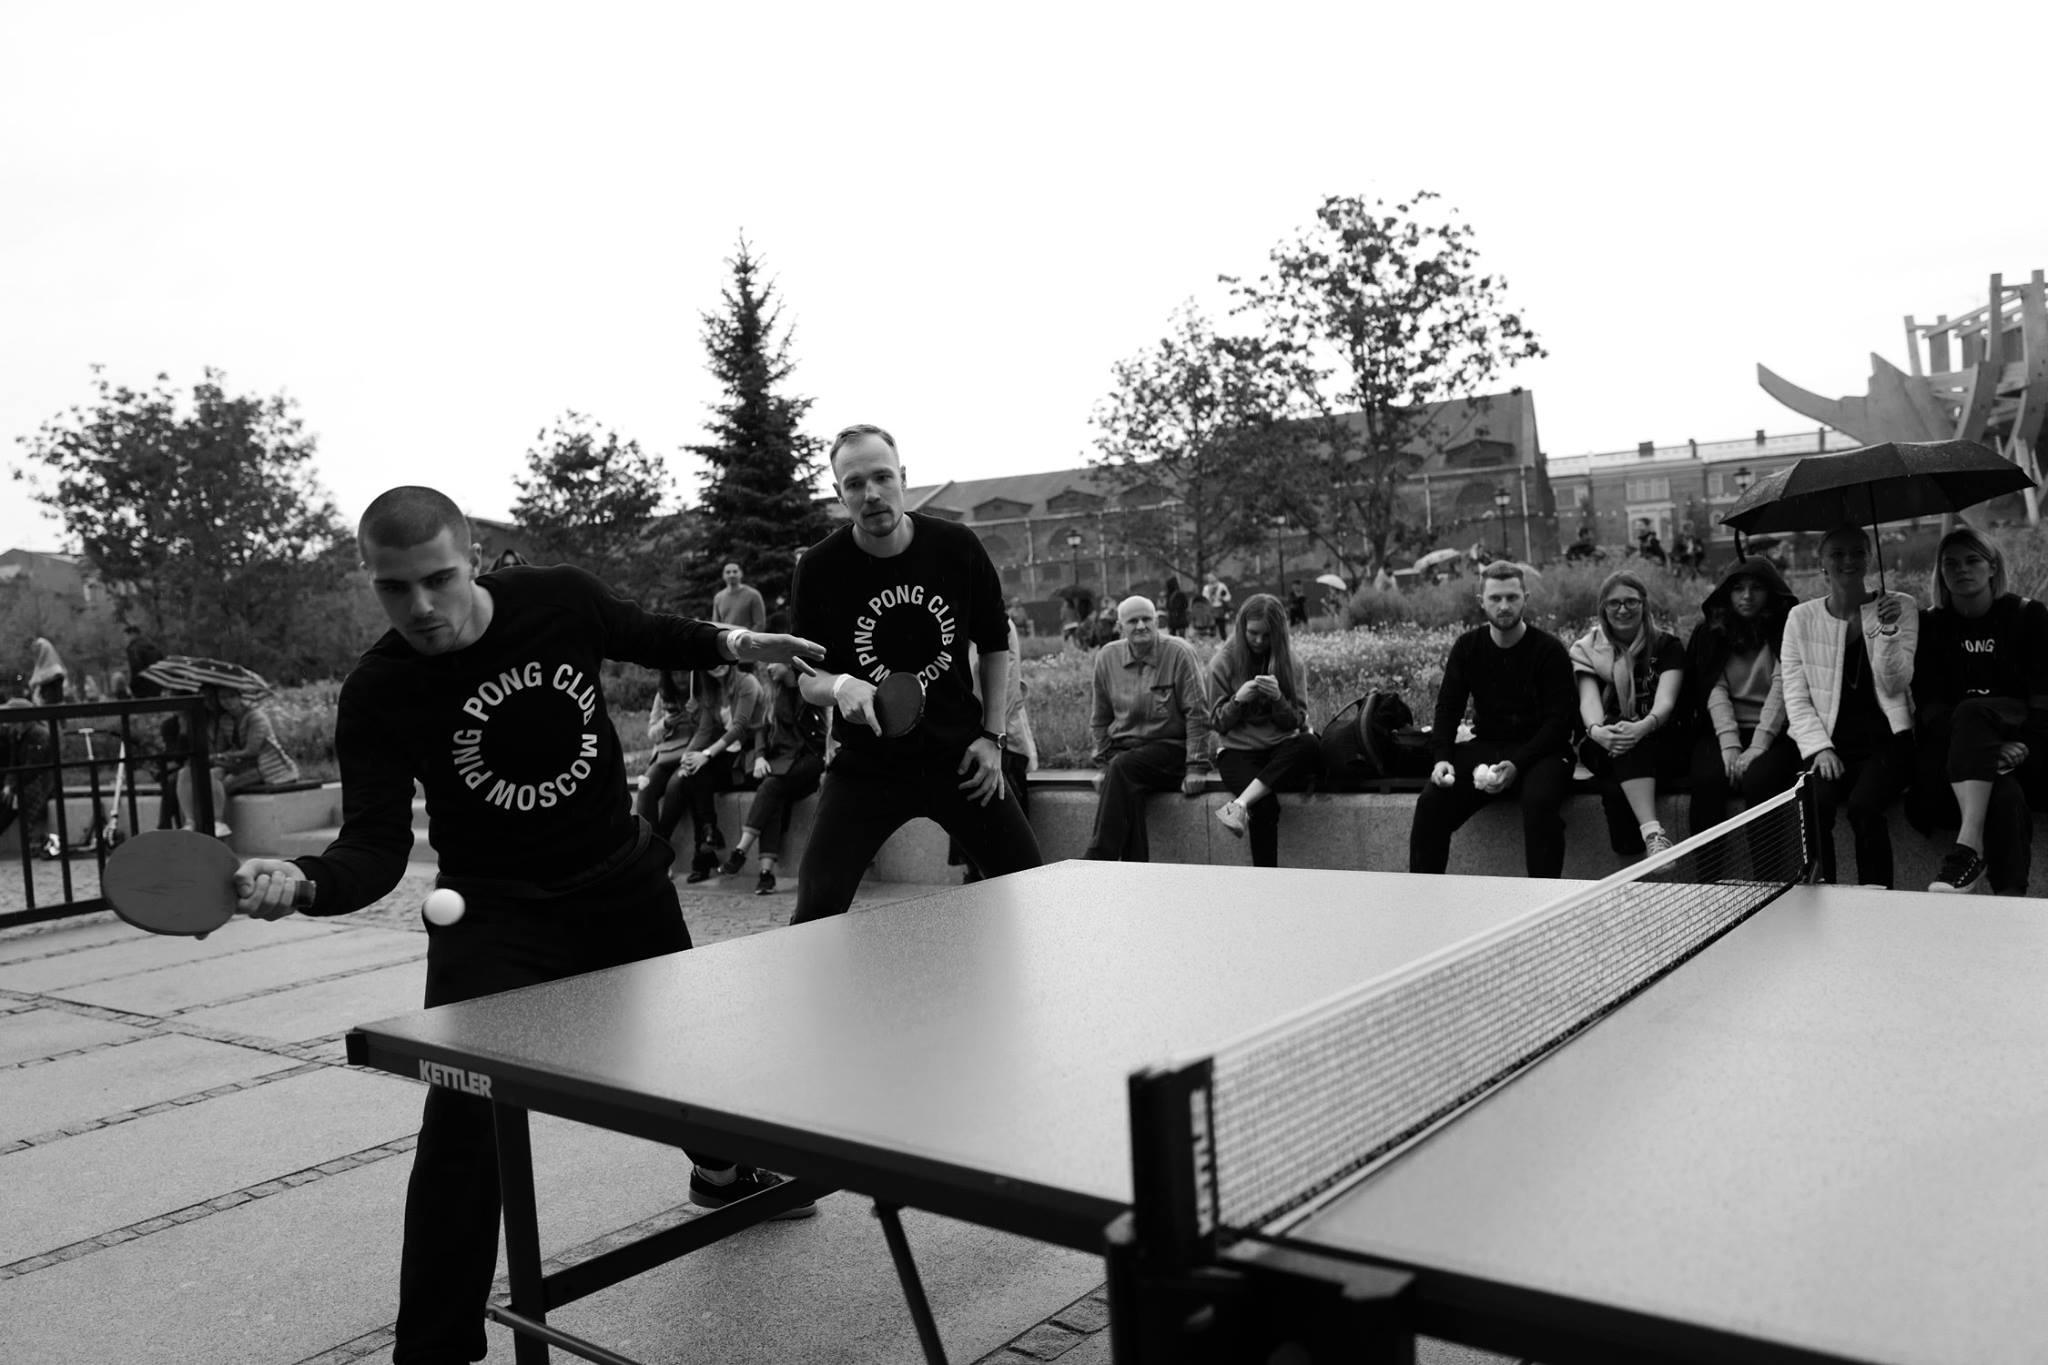 Москва пинг понг клуб кингисепп клубы ночные